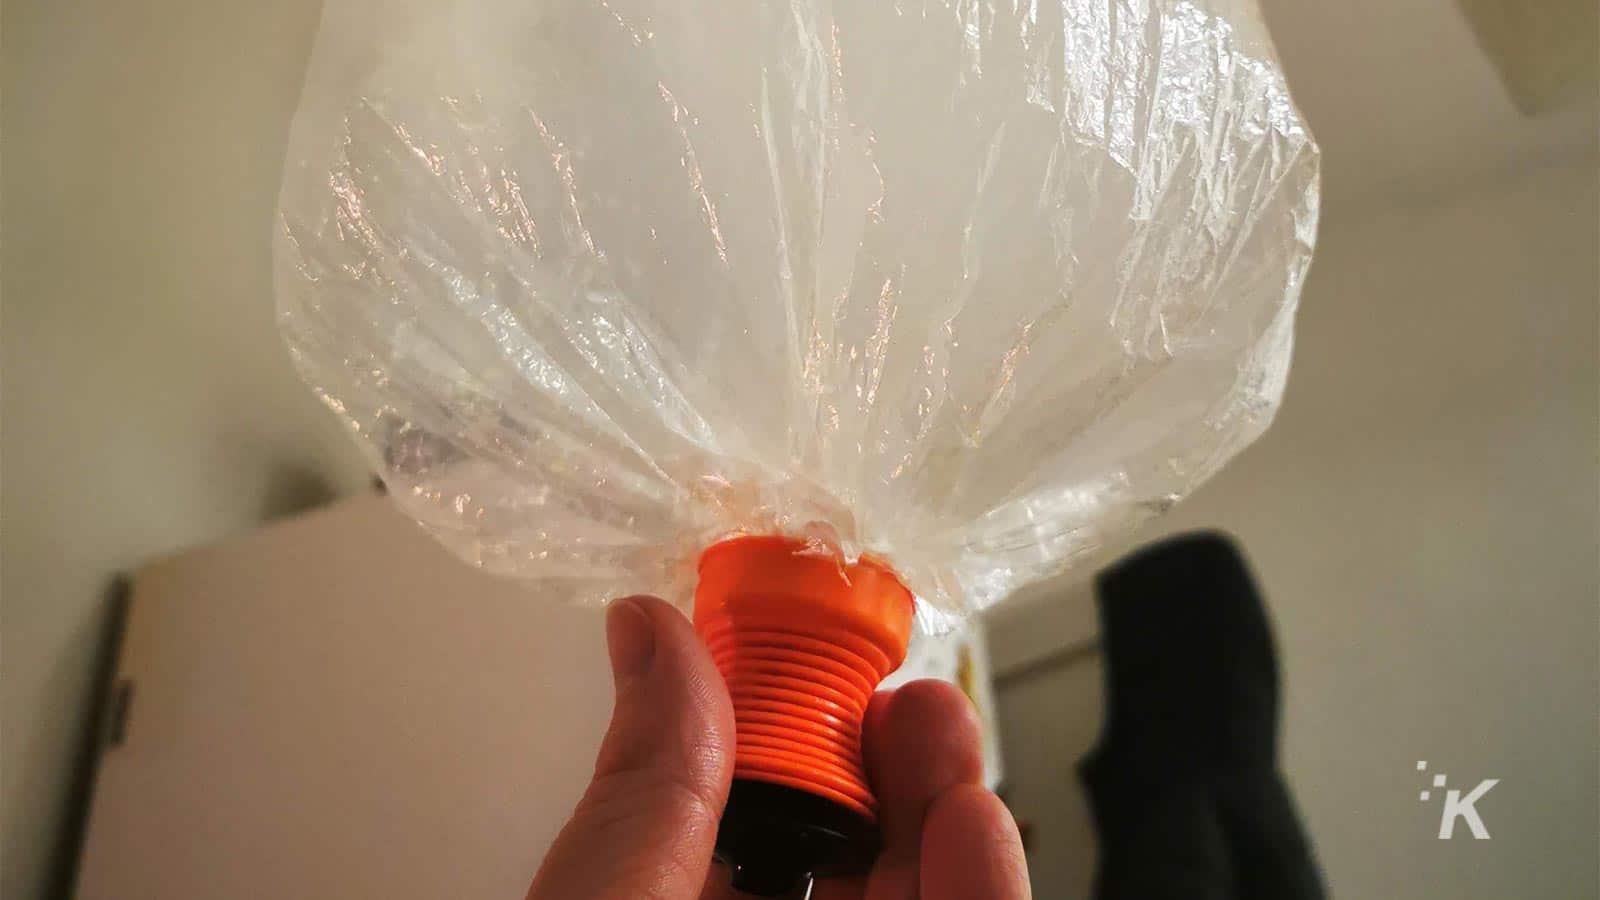 volcano balloon with vapor